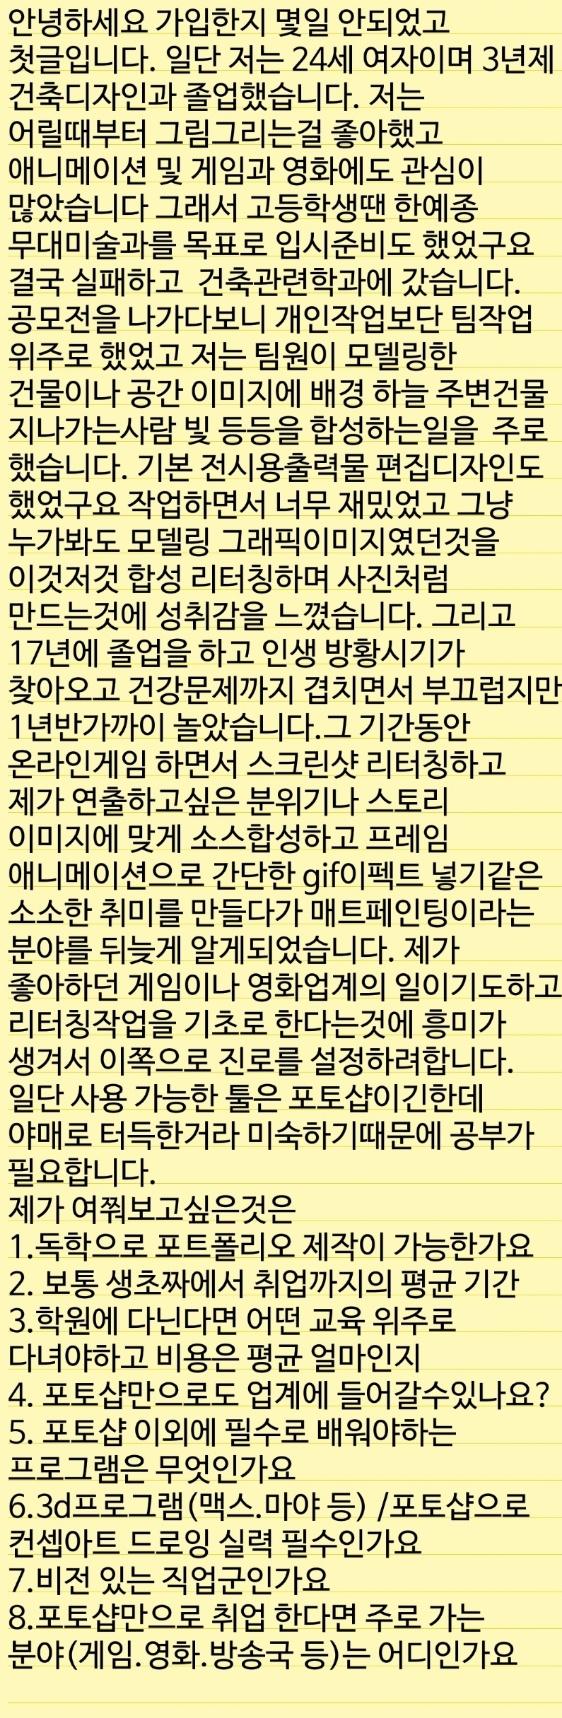 0Screenshot_20190601-050734.jpg